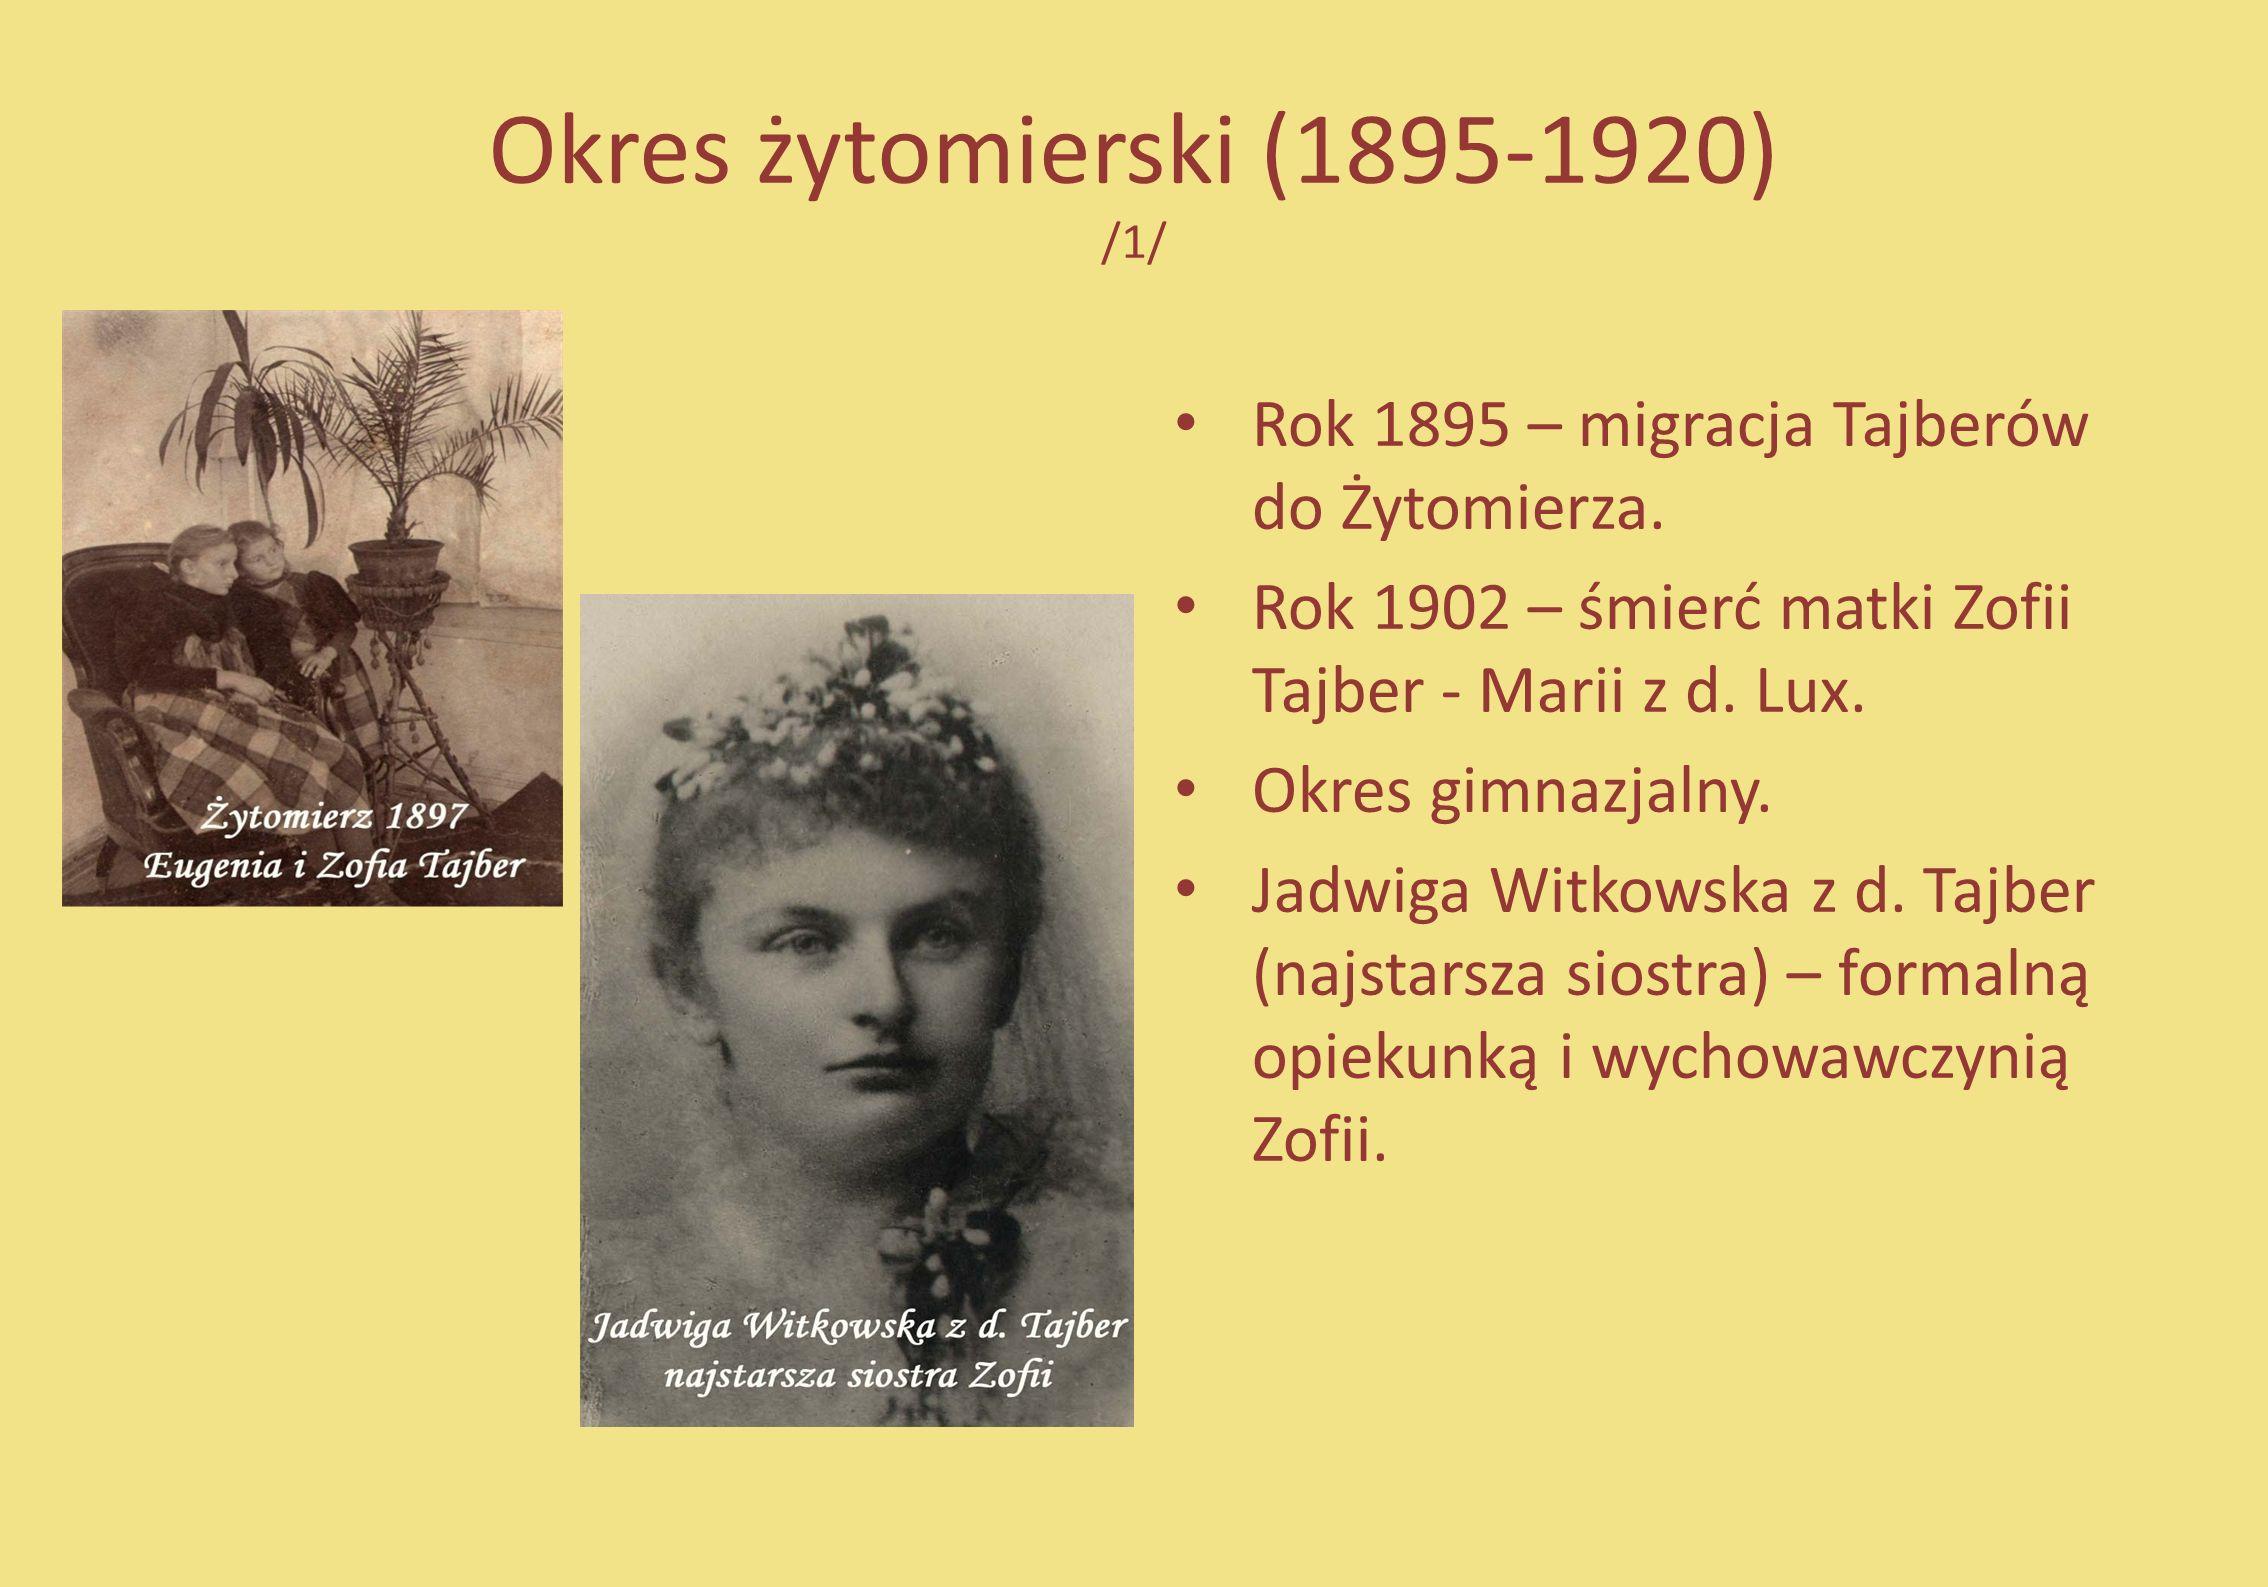 Okres żytomierski (1895-1920) /1/ Rok 1895 – migracja Tajberów do Żytomierza. Rok 1902 – śmierć matki Zofii Tajber - Marii z d. Lux. Okres gimnazjalny